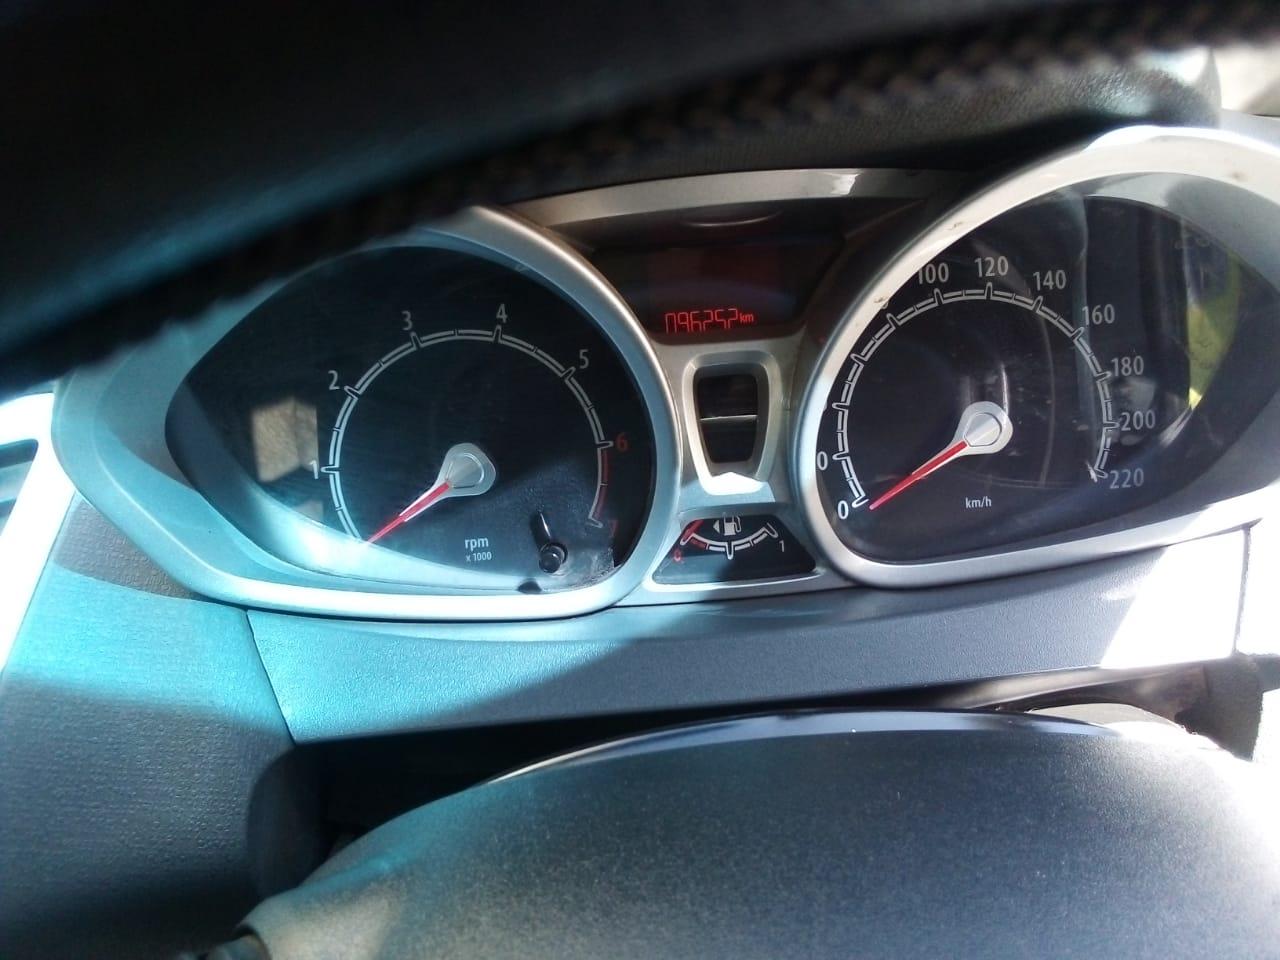 2009 Ford Fiesta 1.4 5 door Trend